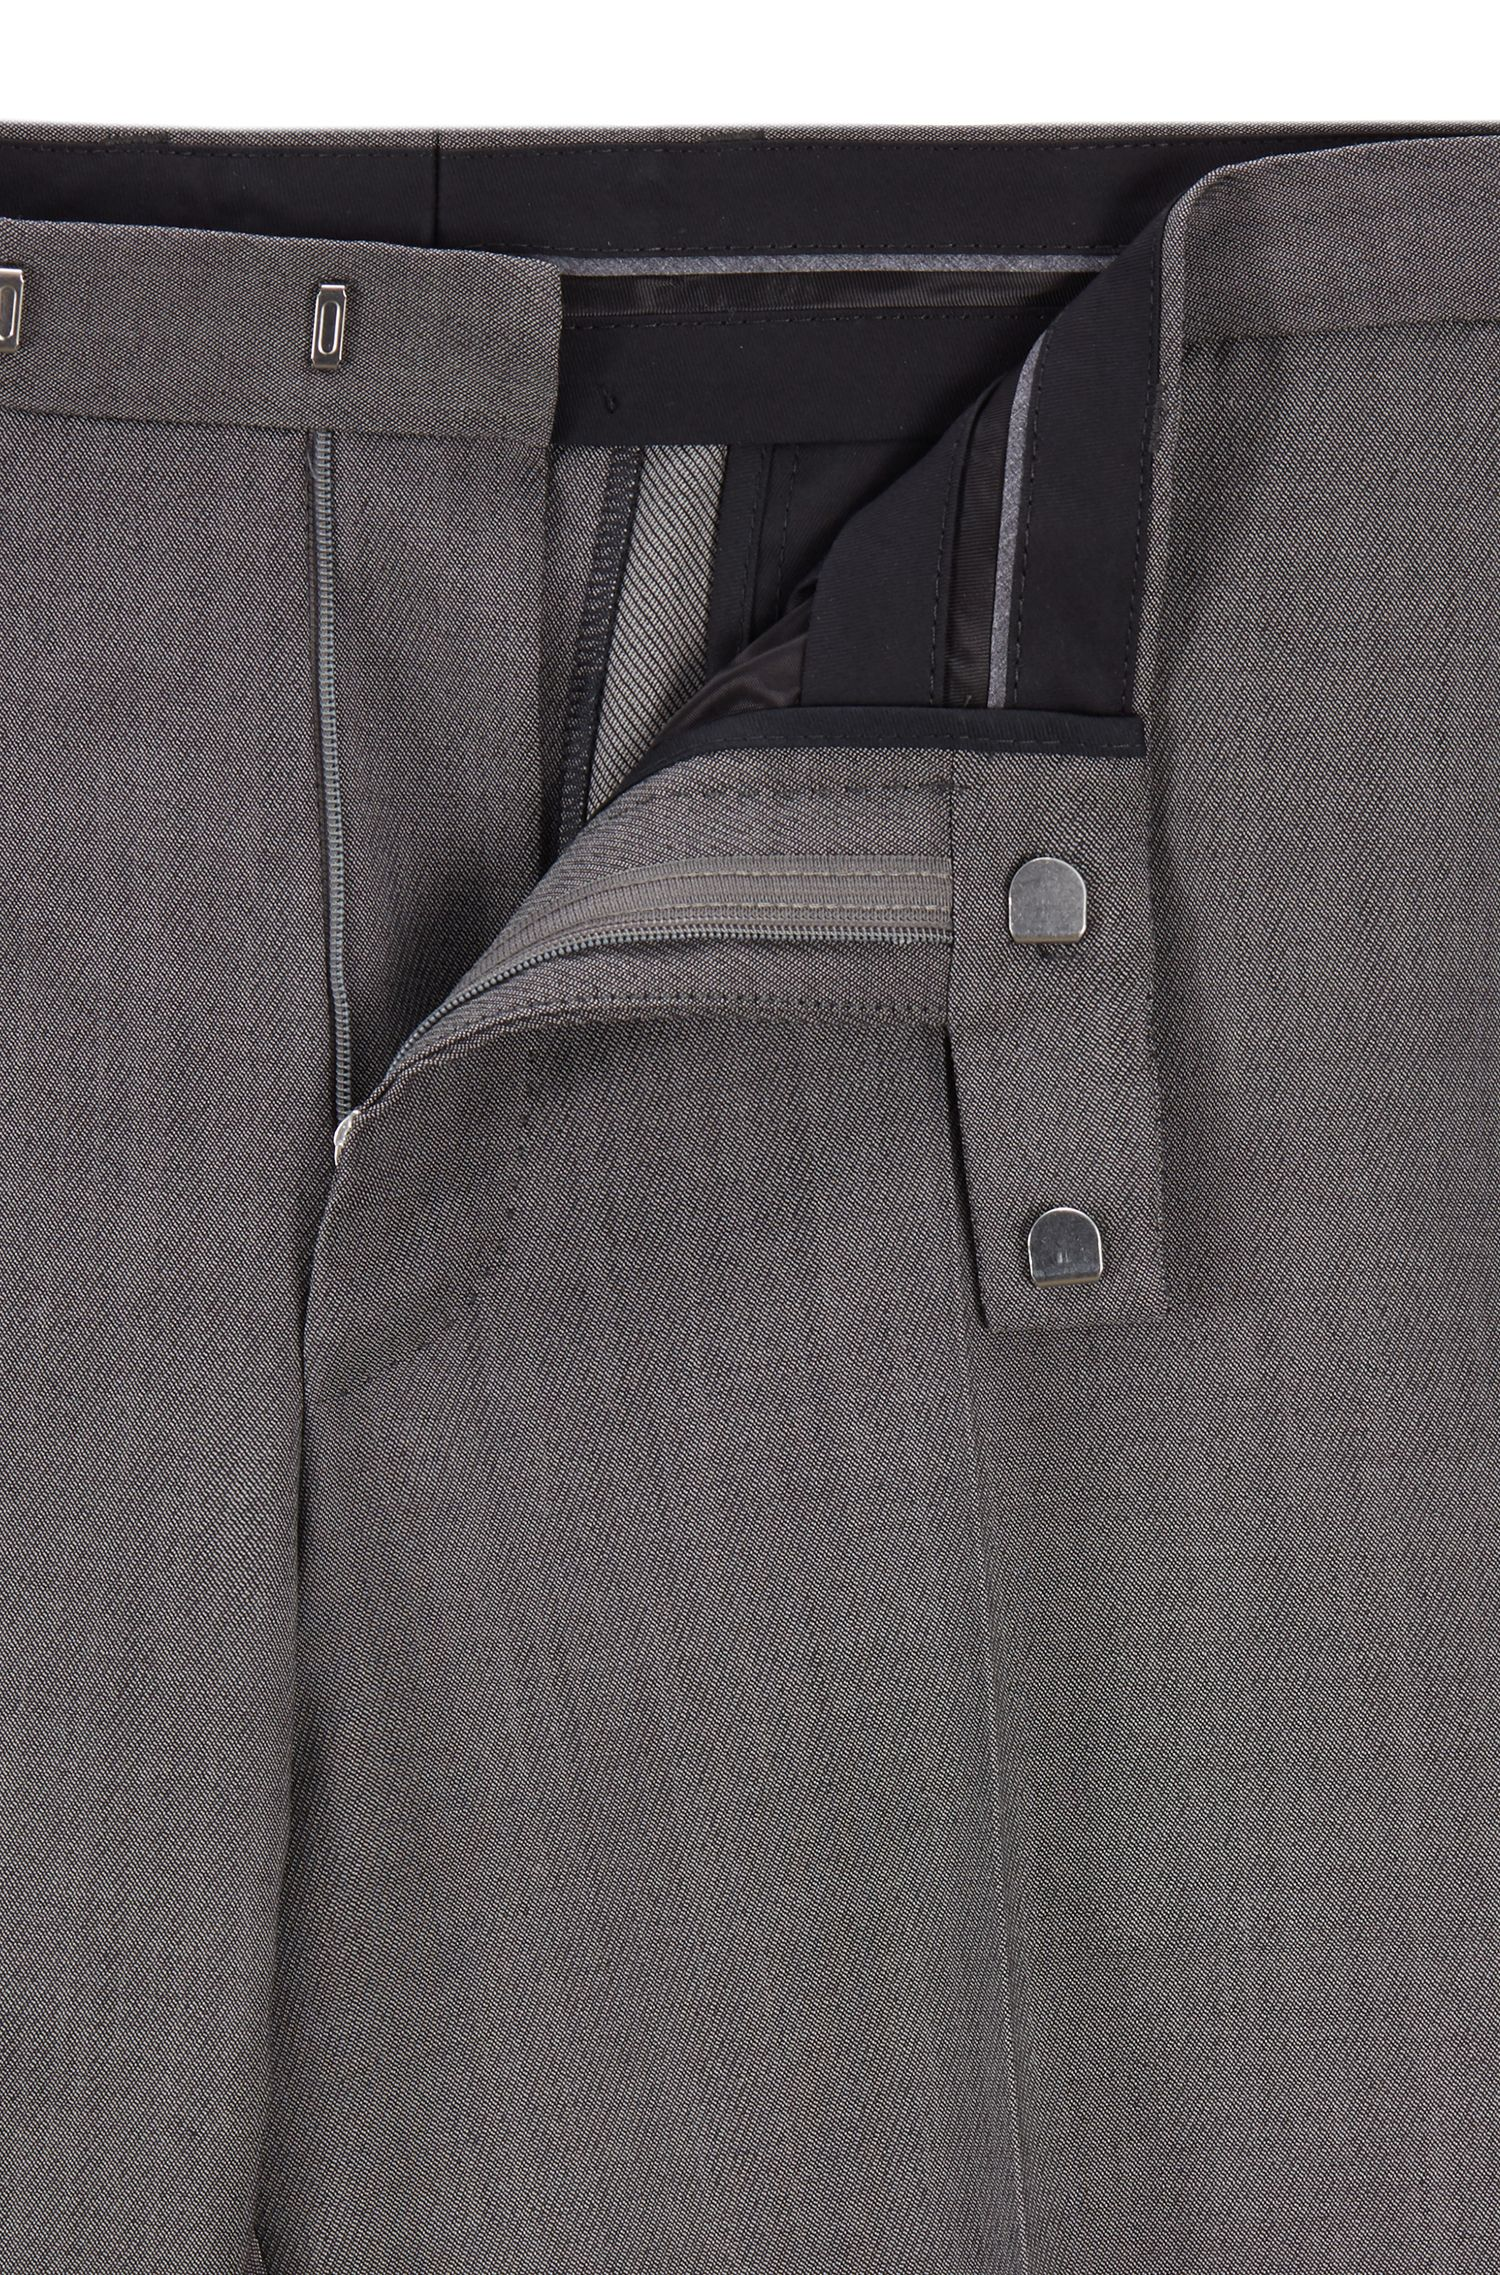 Regular-Fit Hose aus melierter Schurwolle, Grau